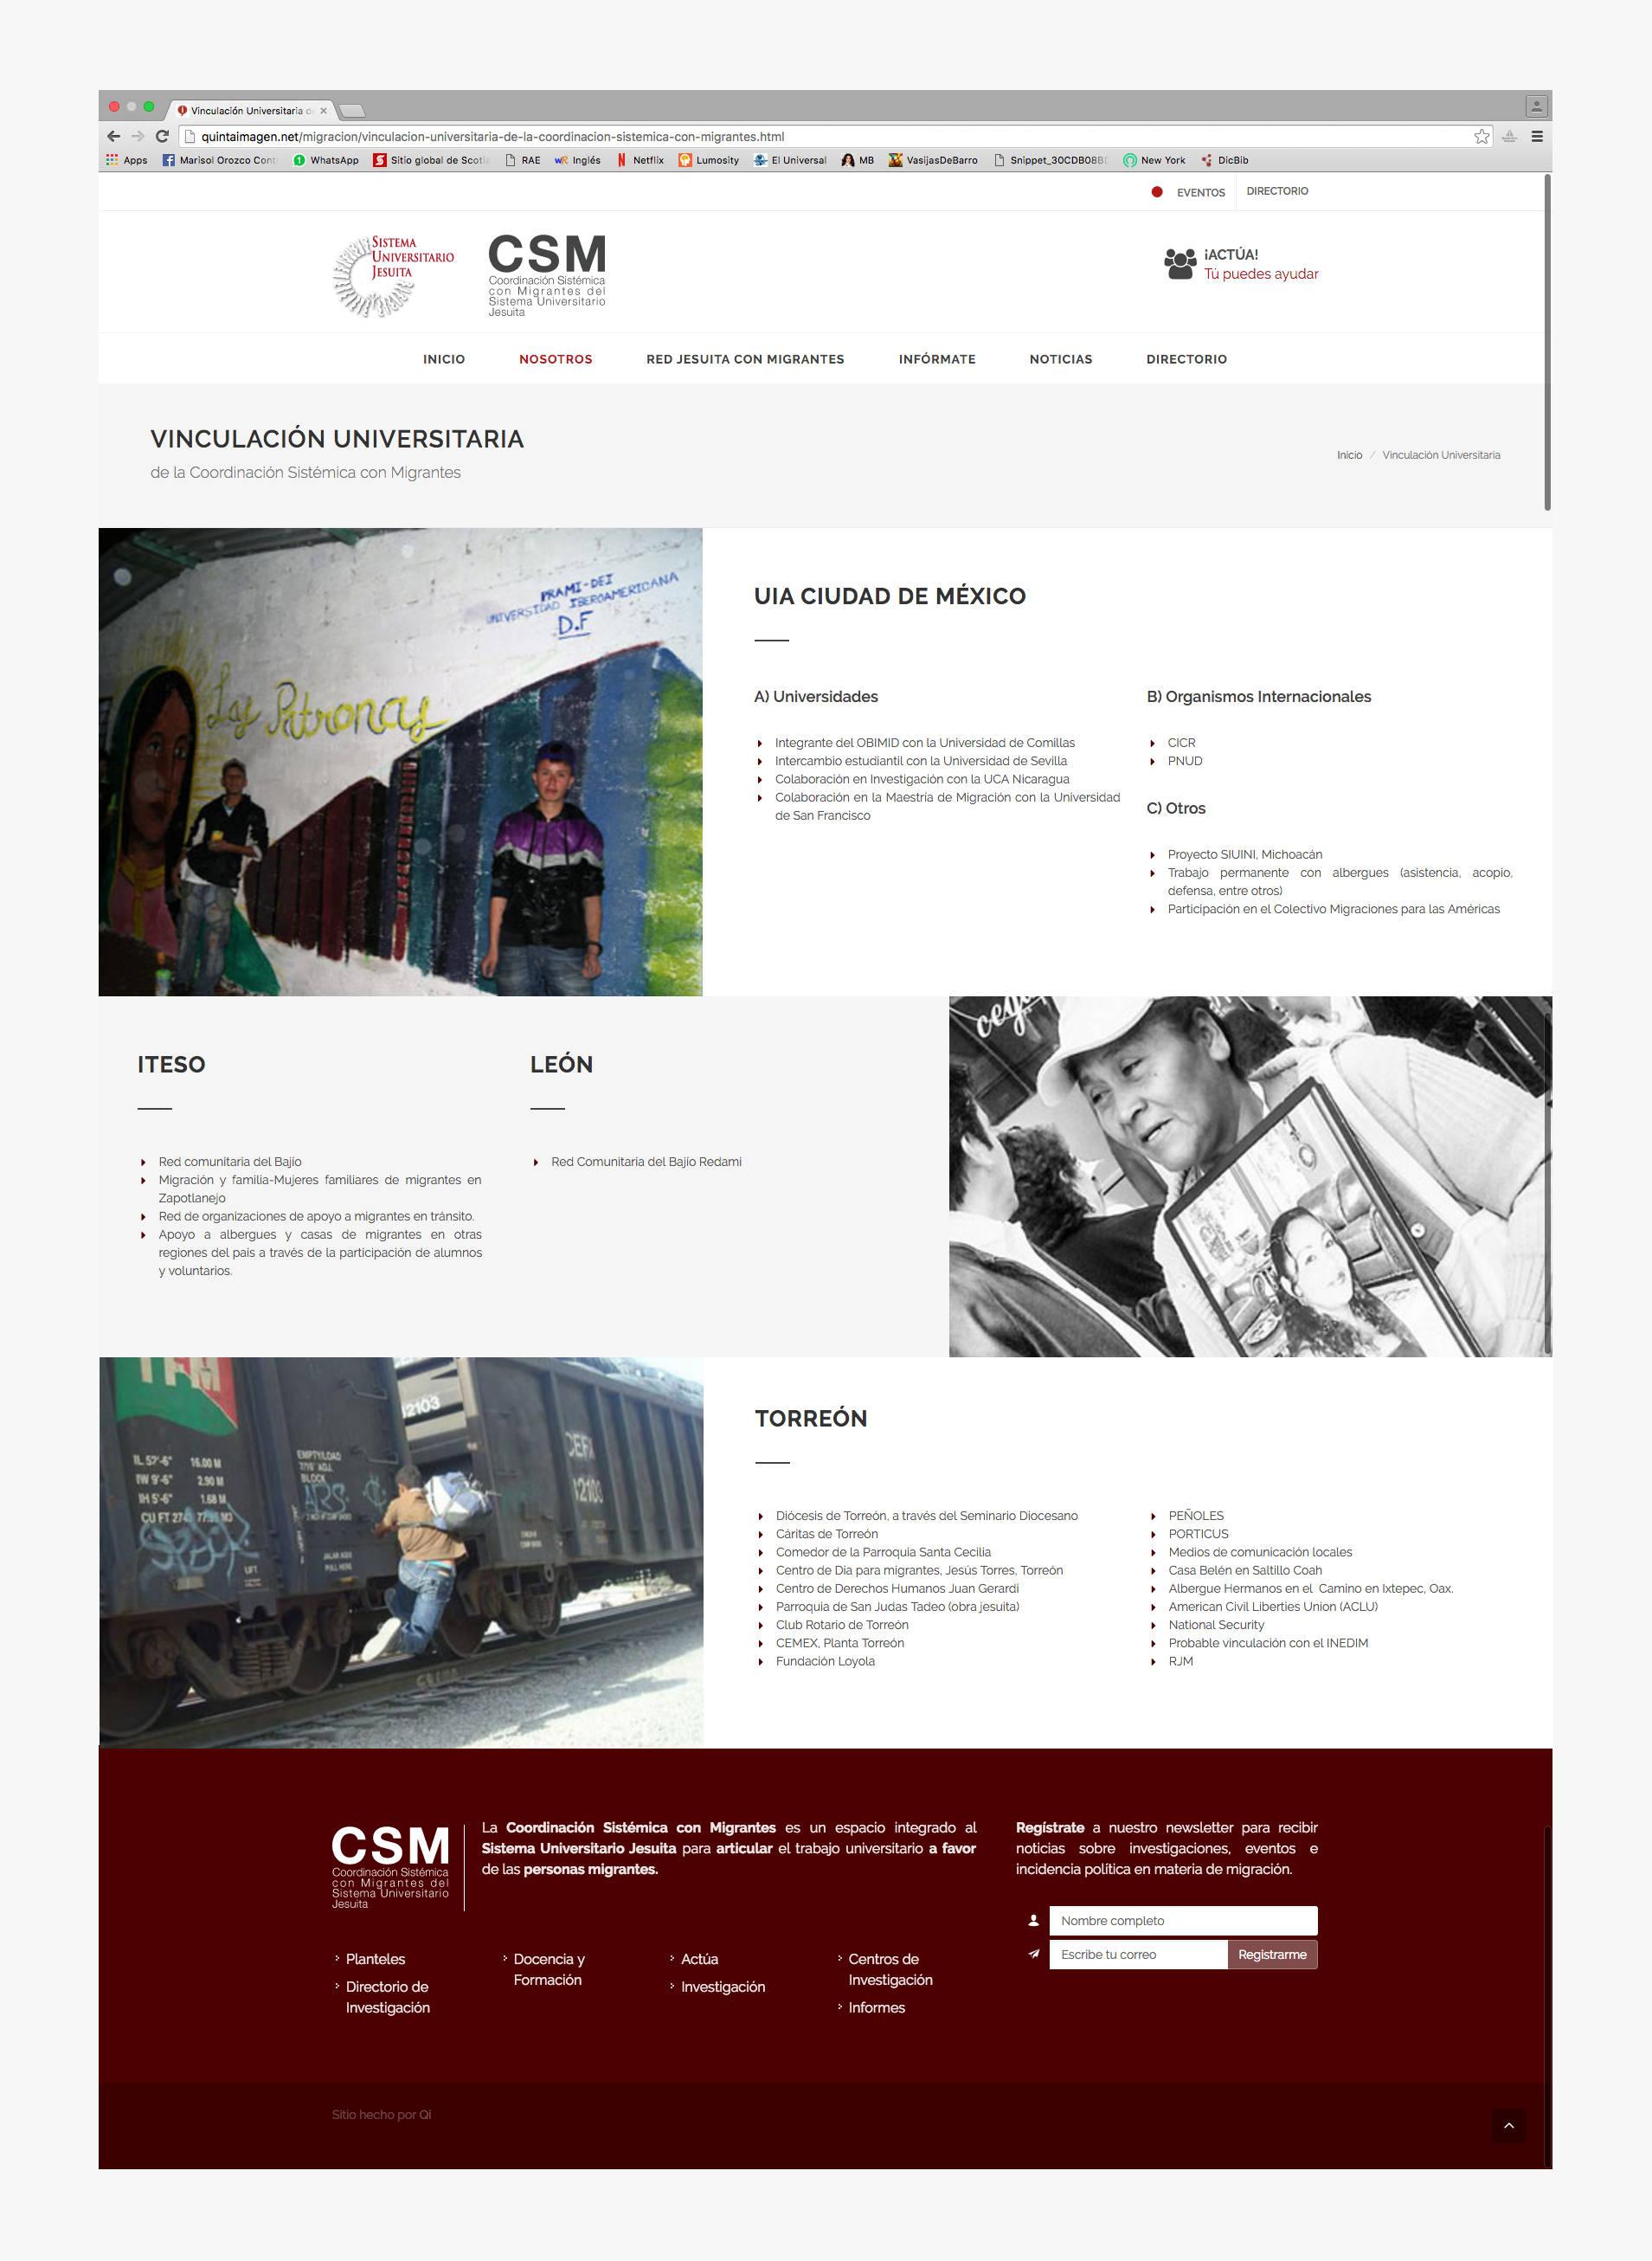 Página de contáctanos del sitio web para la CSM